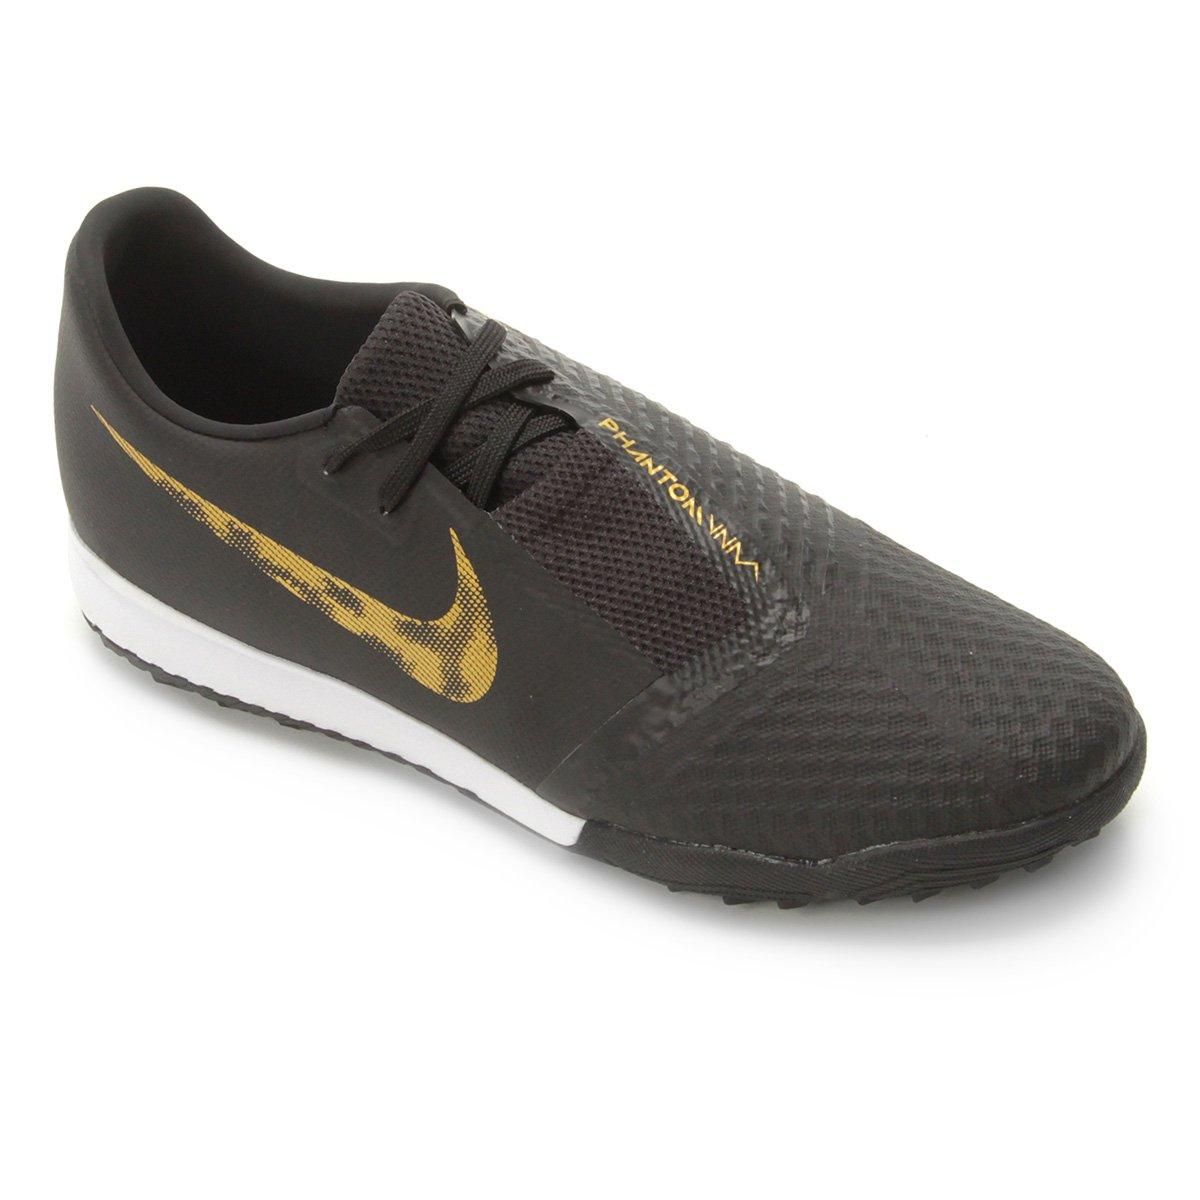 11e5b18eb344d Chuteira Society Nike Phantom Venom Academy TF - Preto e Dourado - Compre  Agora